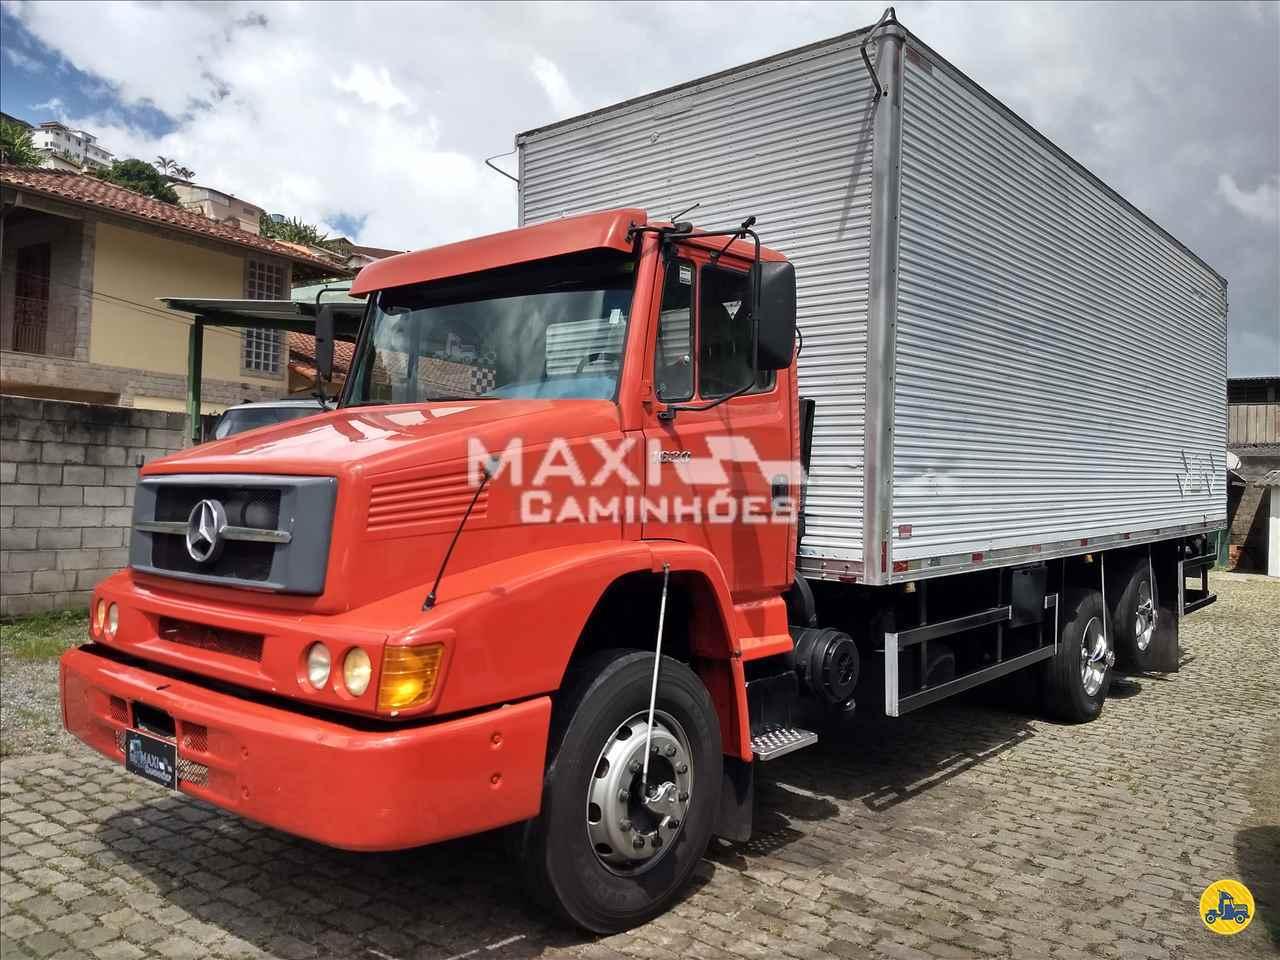 MB 1620 de Maxi Caminhões - TERESOPOLIS/RJ